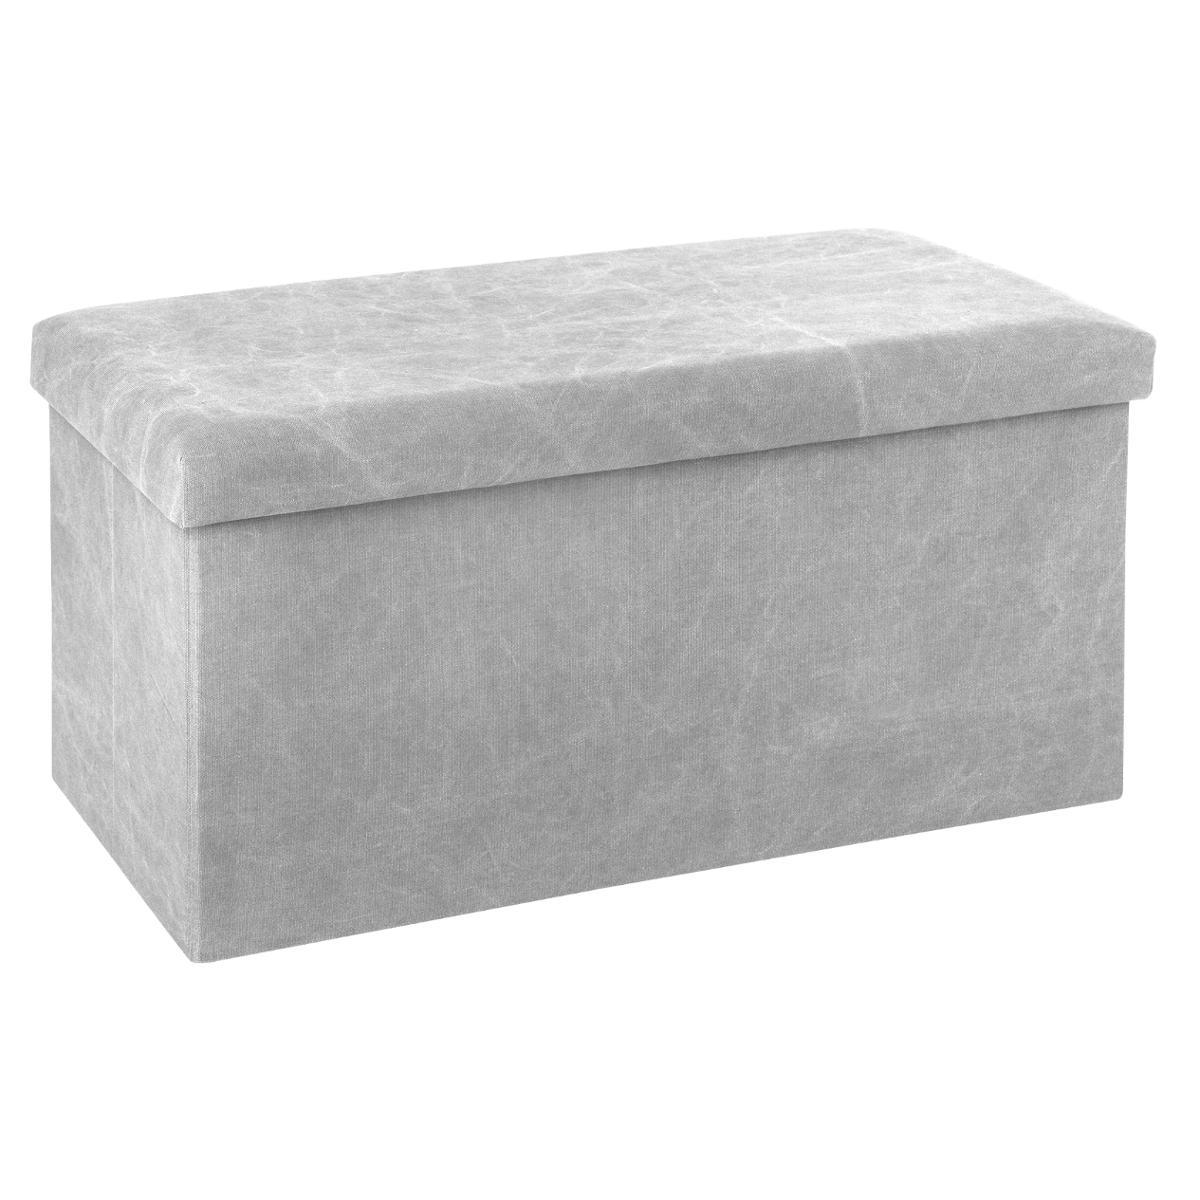 Pouf coffre de rangement pliable gris clair | Poufs | Pier Import